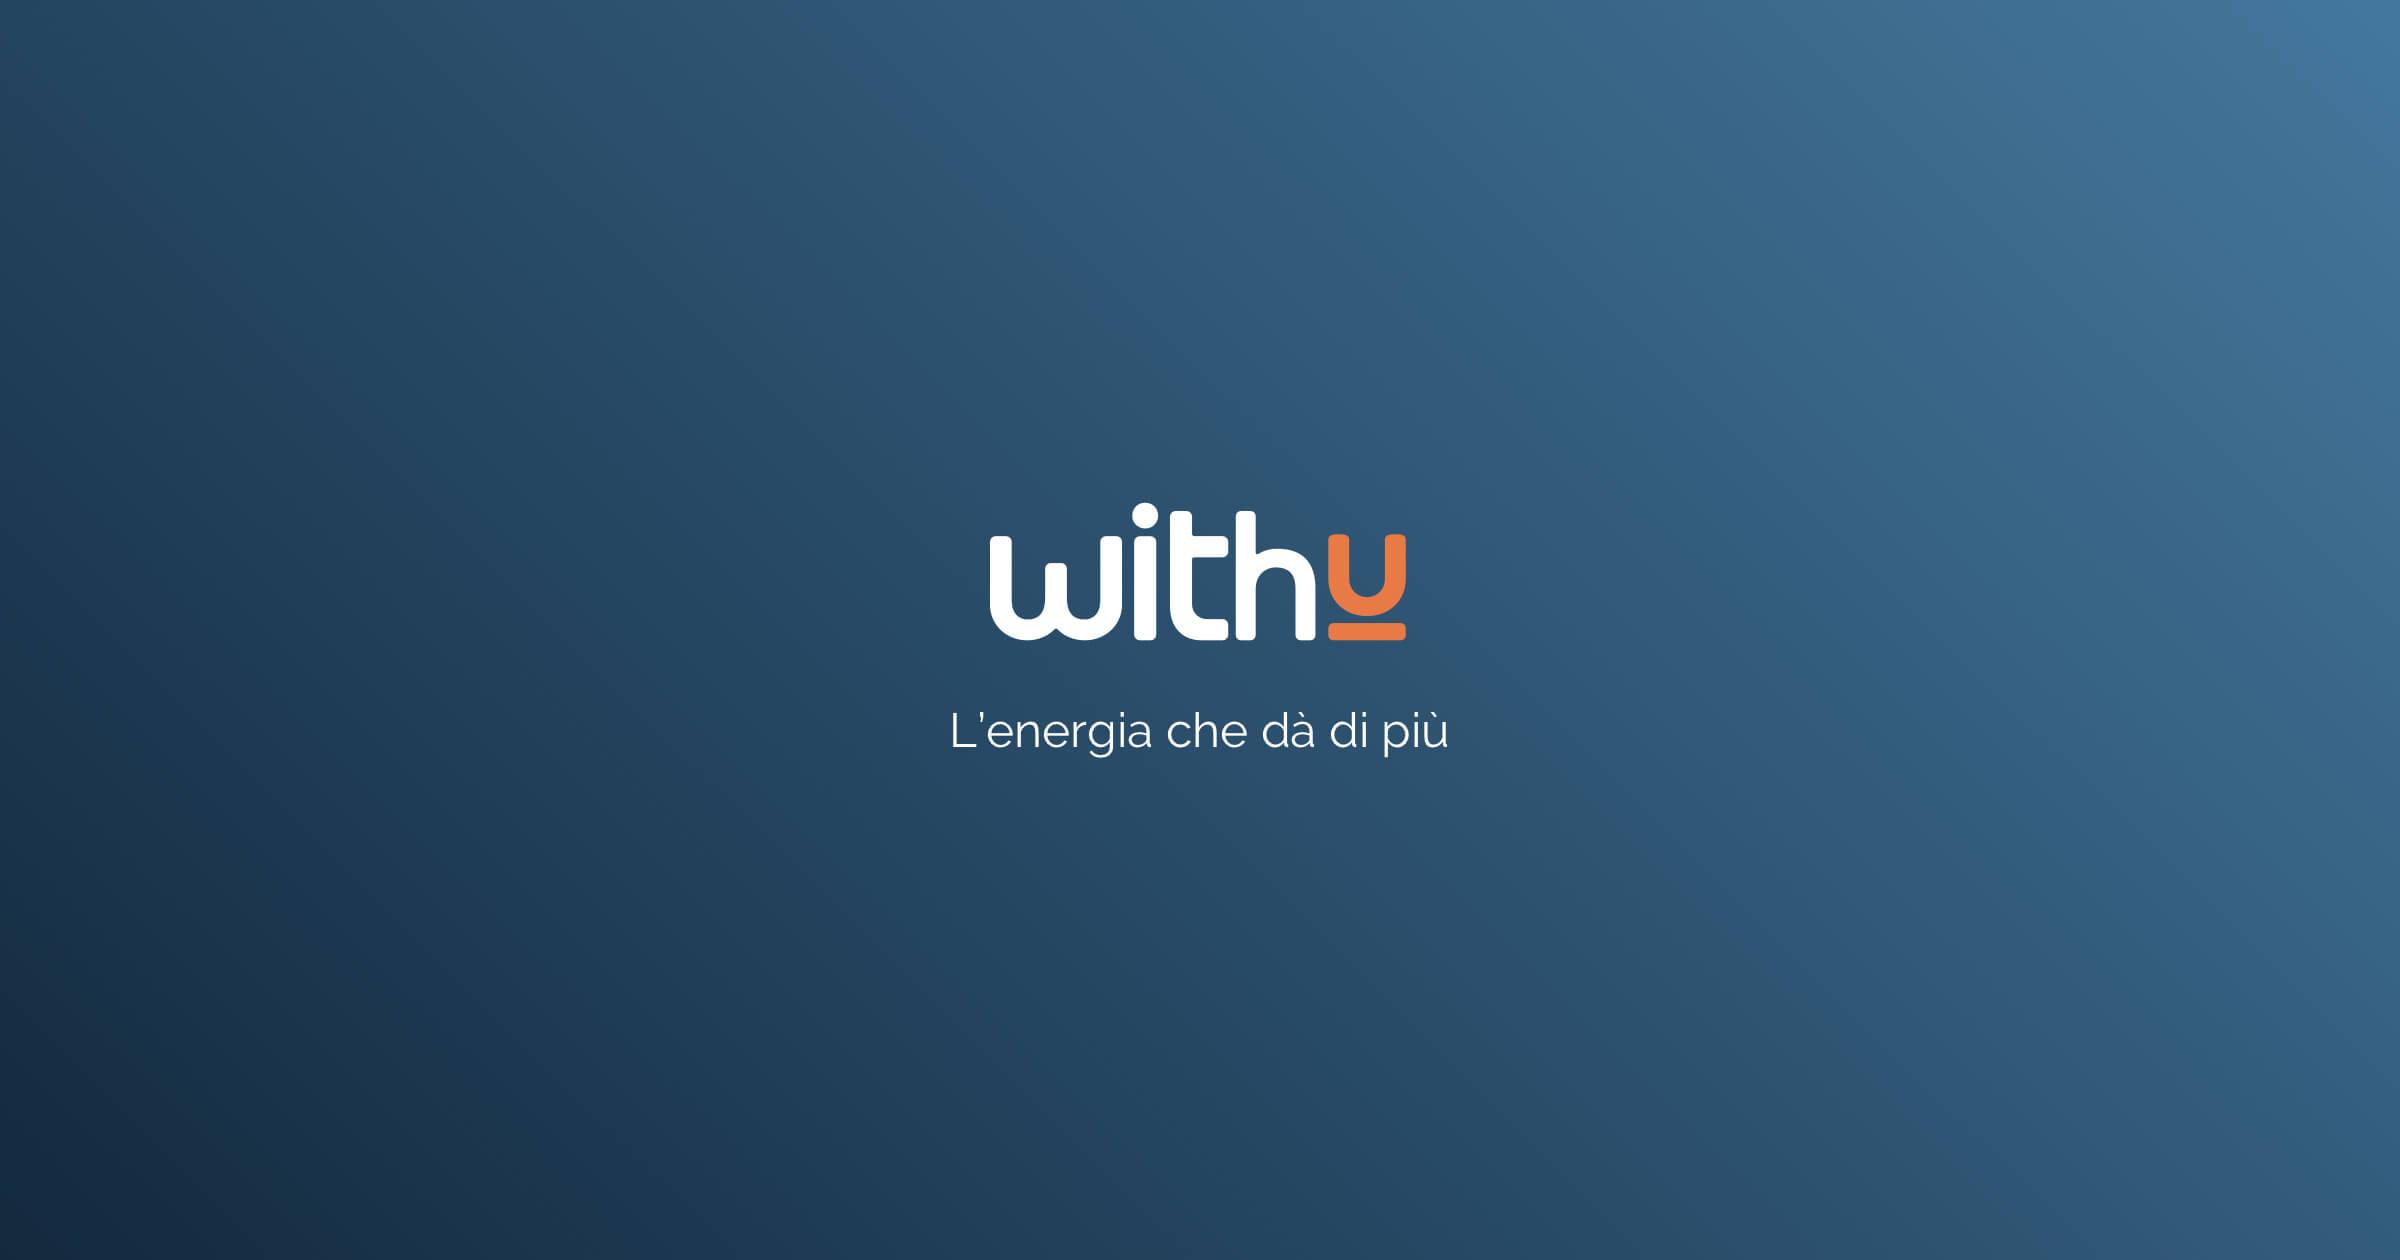 Tutto Luce Torino To withu | l'energia che dà di più | fornitura di luce e gas